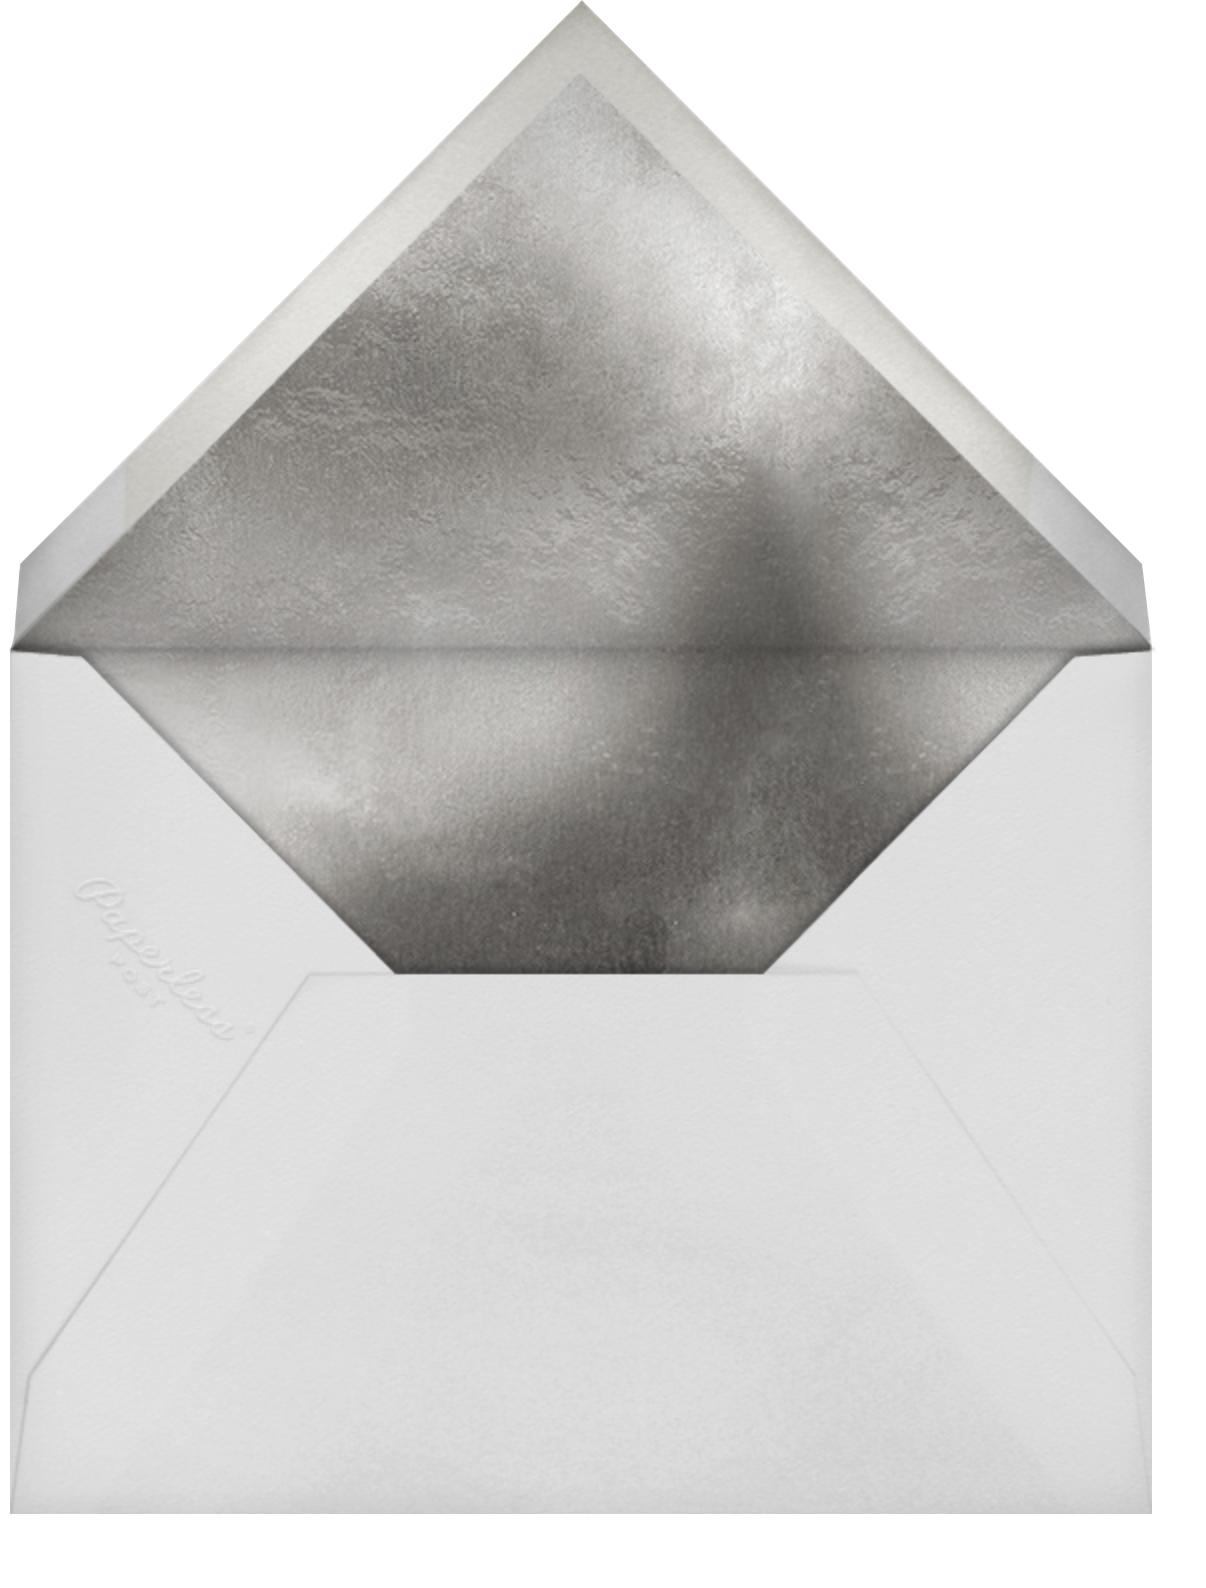 Delano - Jonathan Adler - General entertaining - envelope back